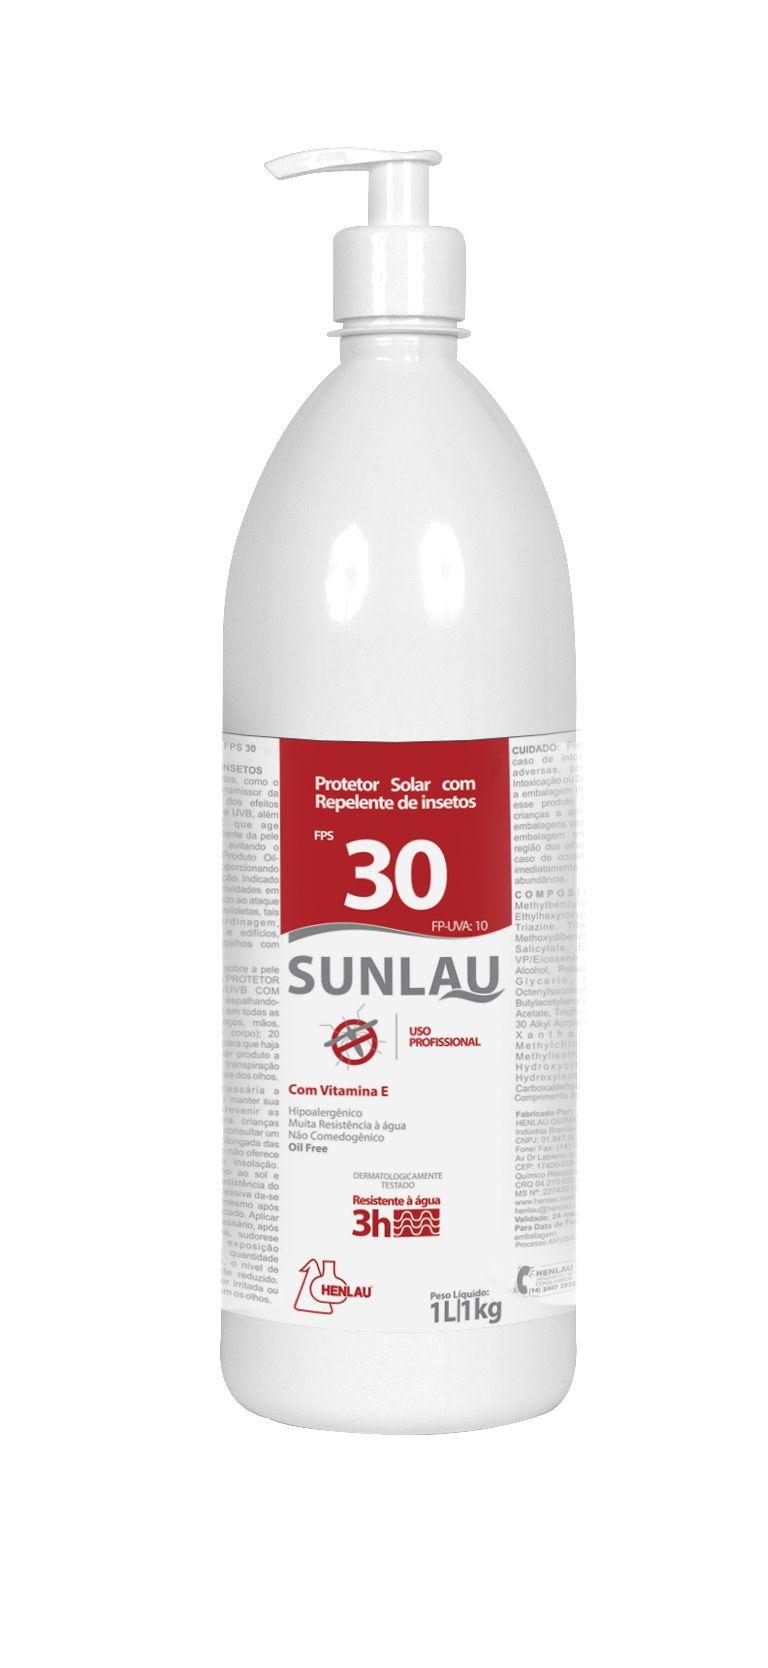 Protetor solar FPS 30 UVA/UVB com vitamina E e repelente de insetos  1kg Sunlau - Henlau